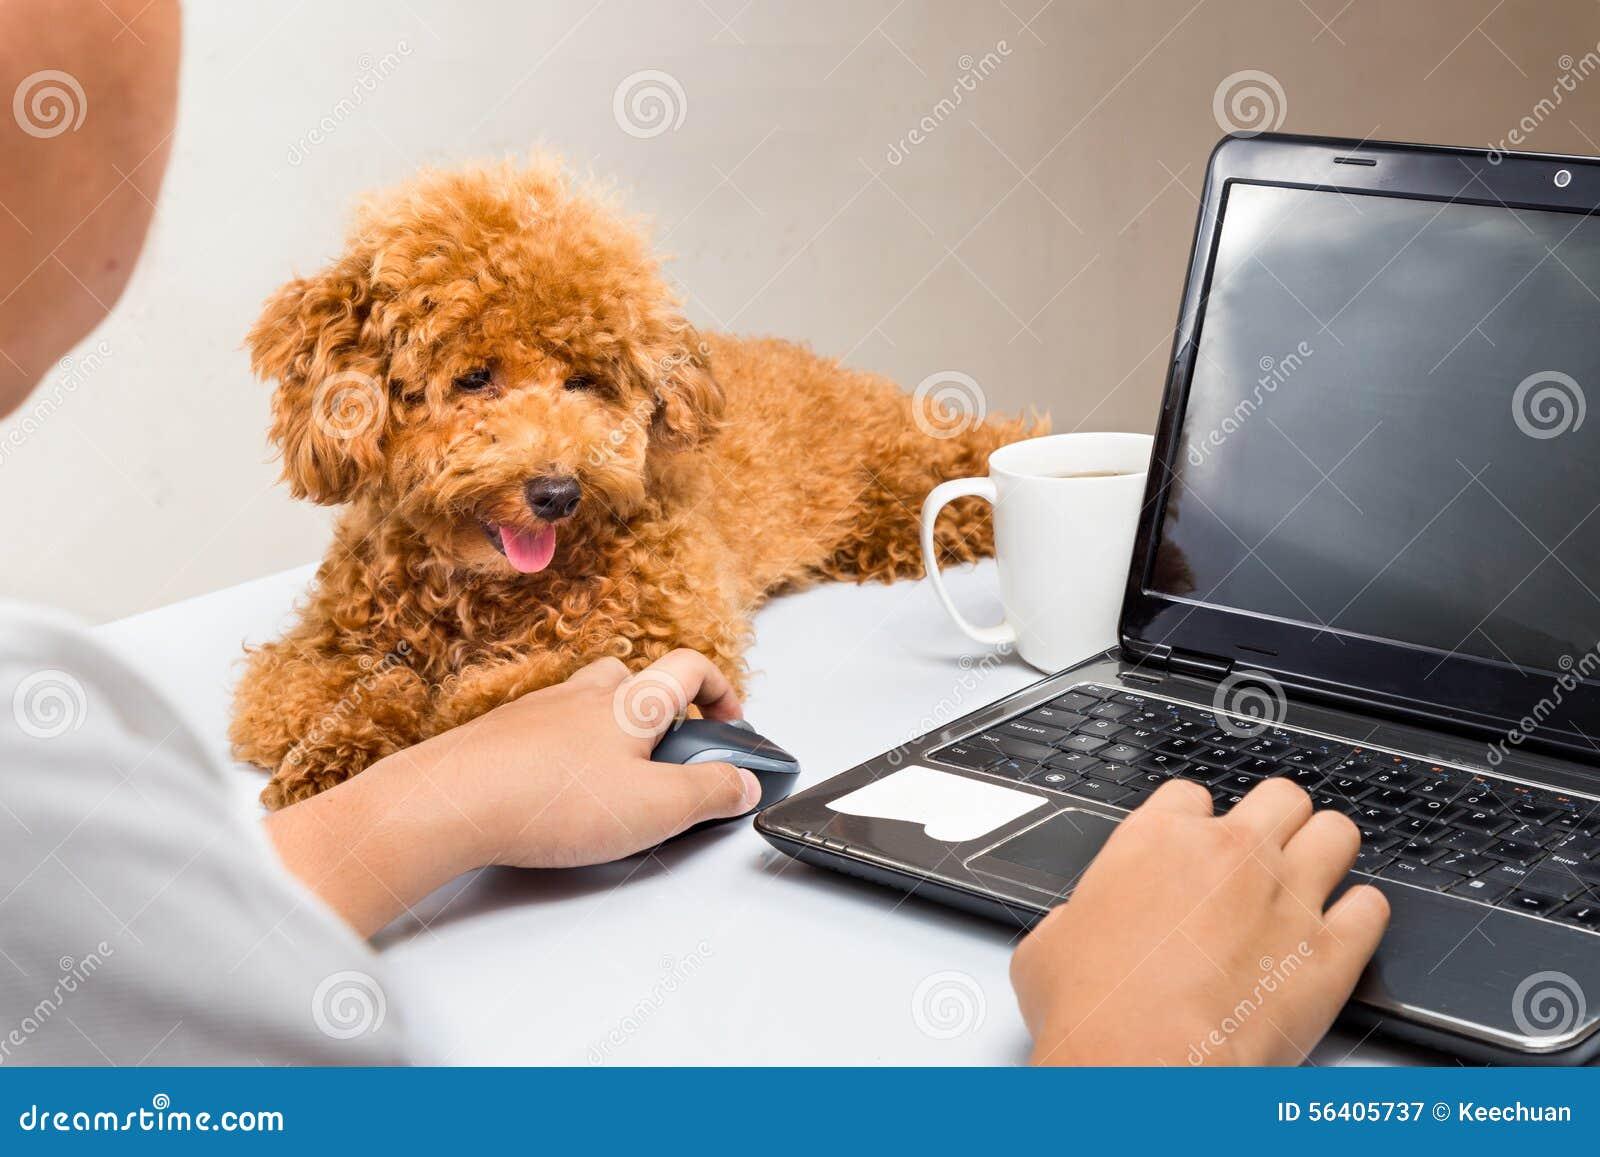 逗人喜爱的长卷毛狗小狗伴随人与在办公桌上的便携式计算机一起使用